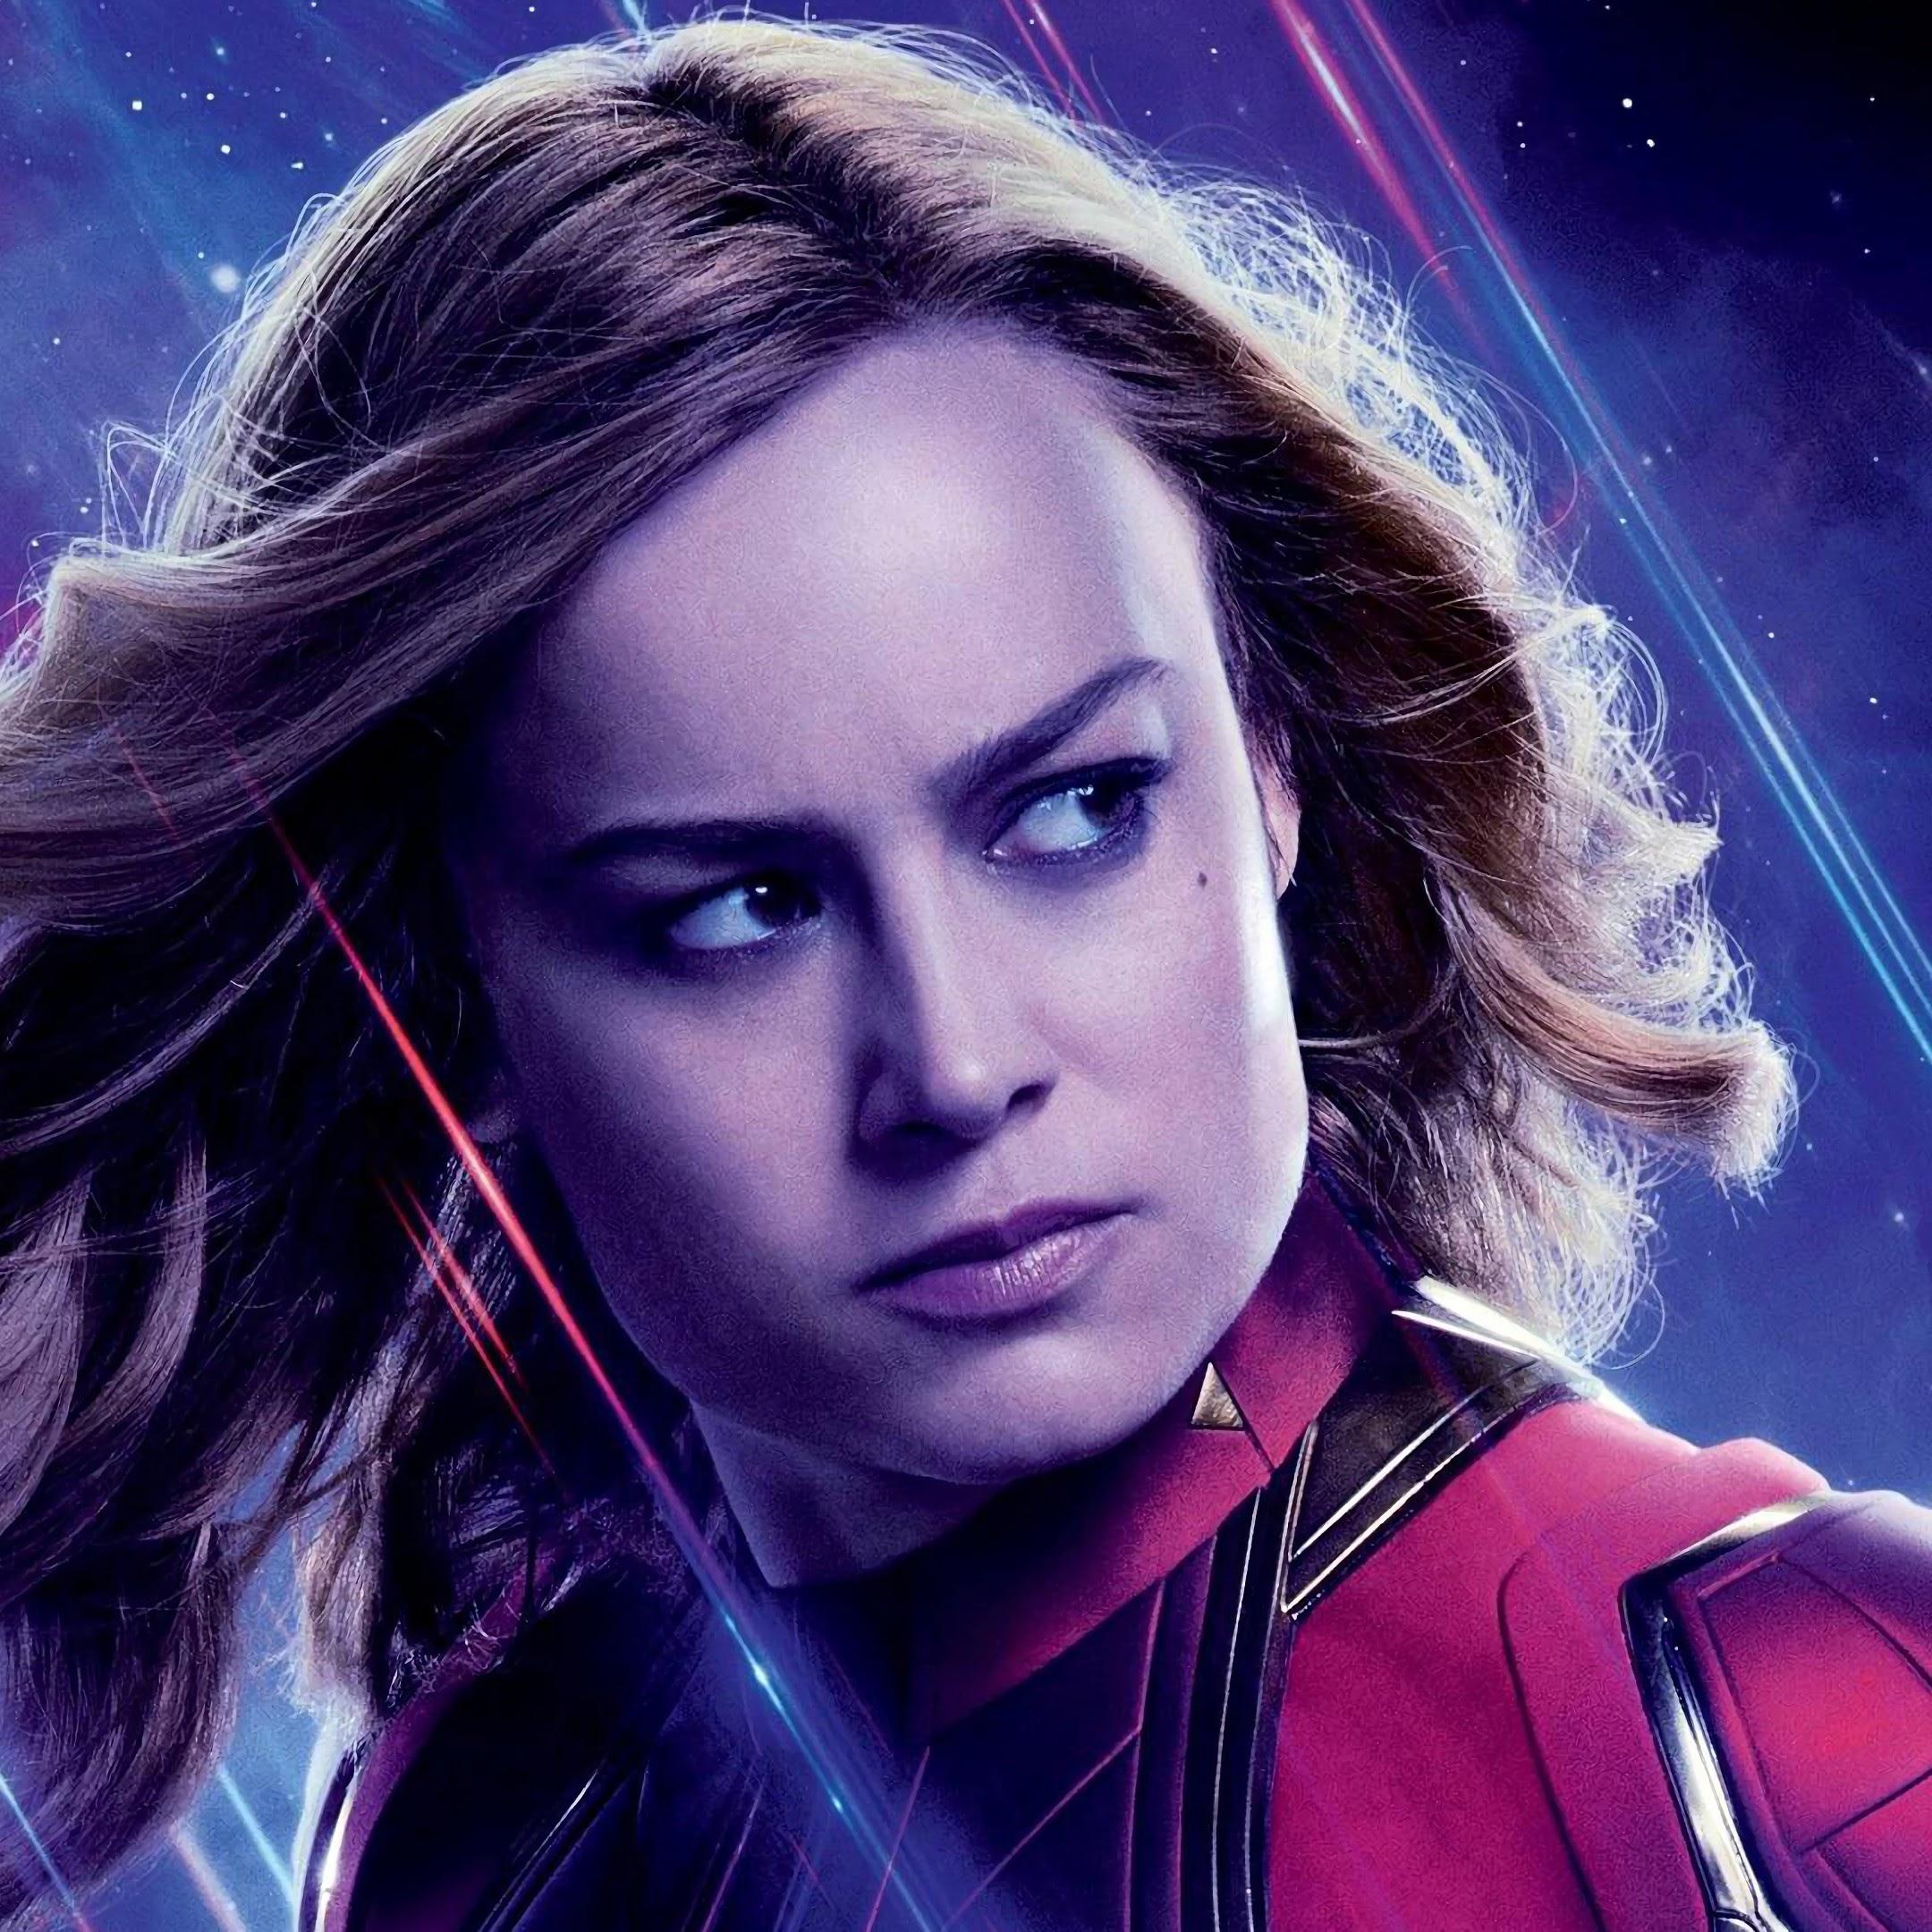 Avengers Endgame Captain Marvel Carol Danvers 4k 81